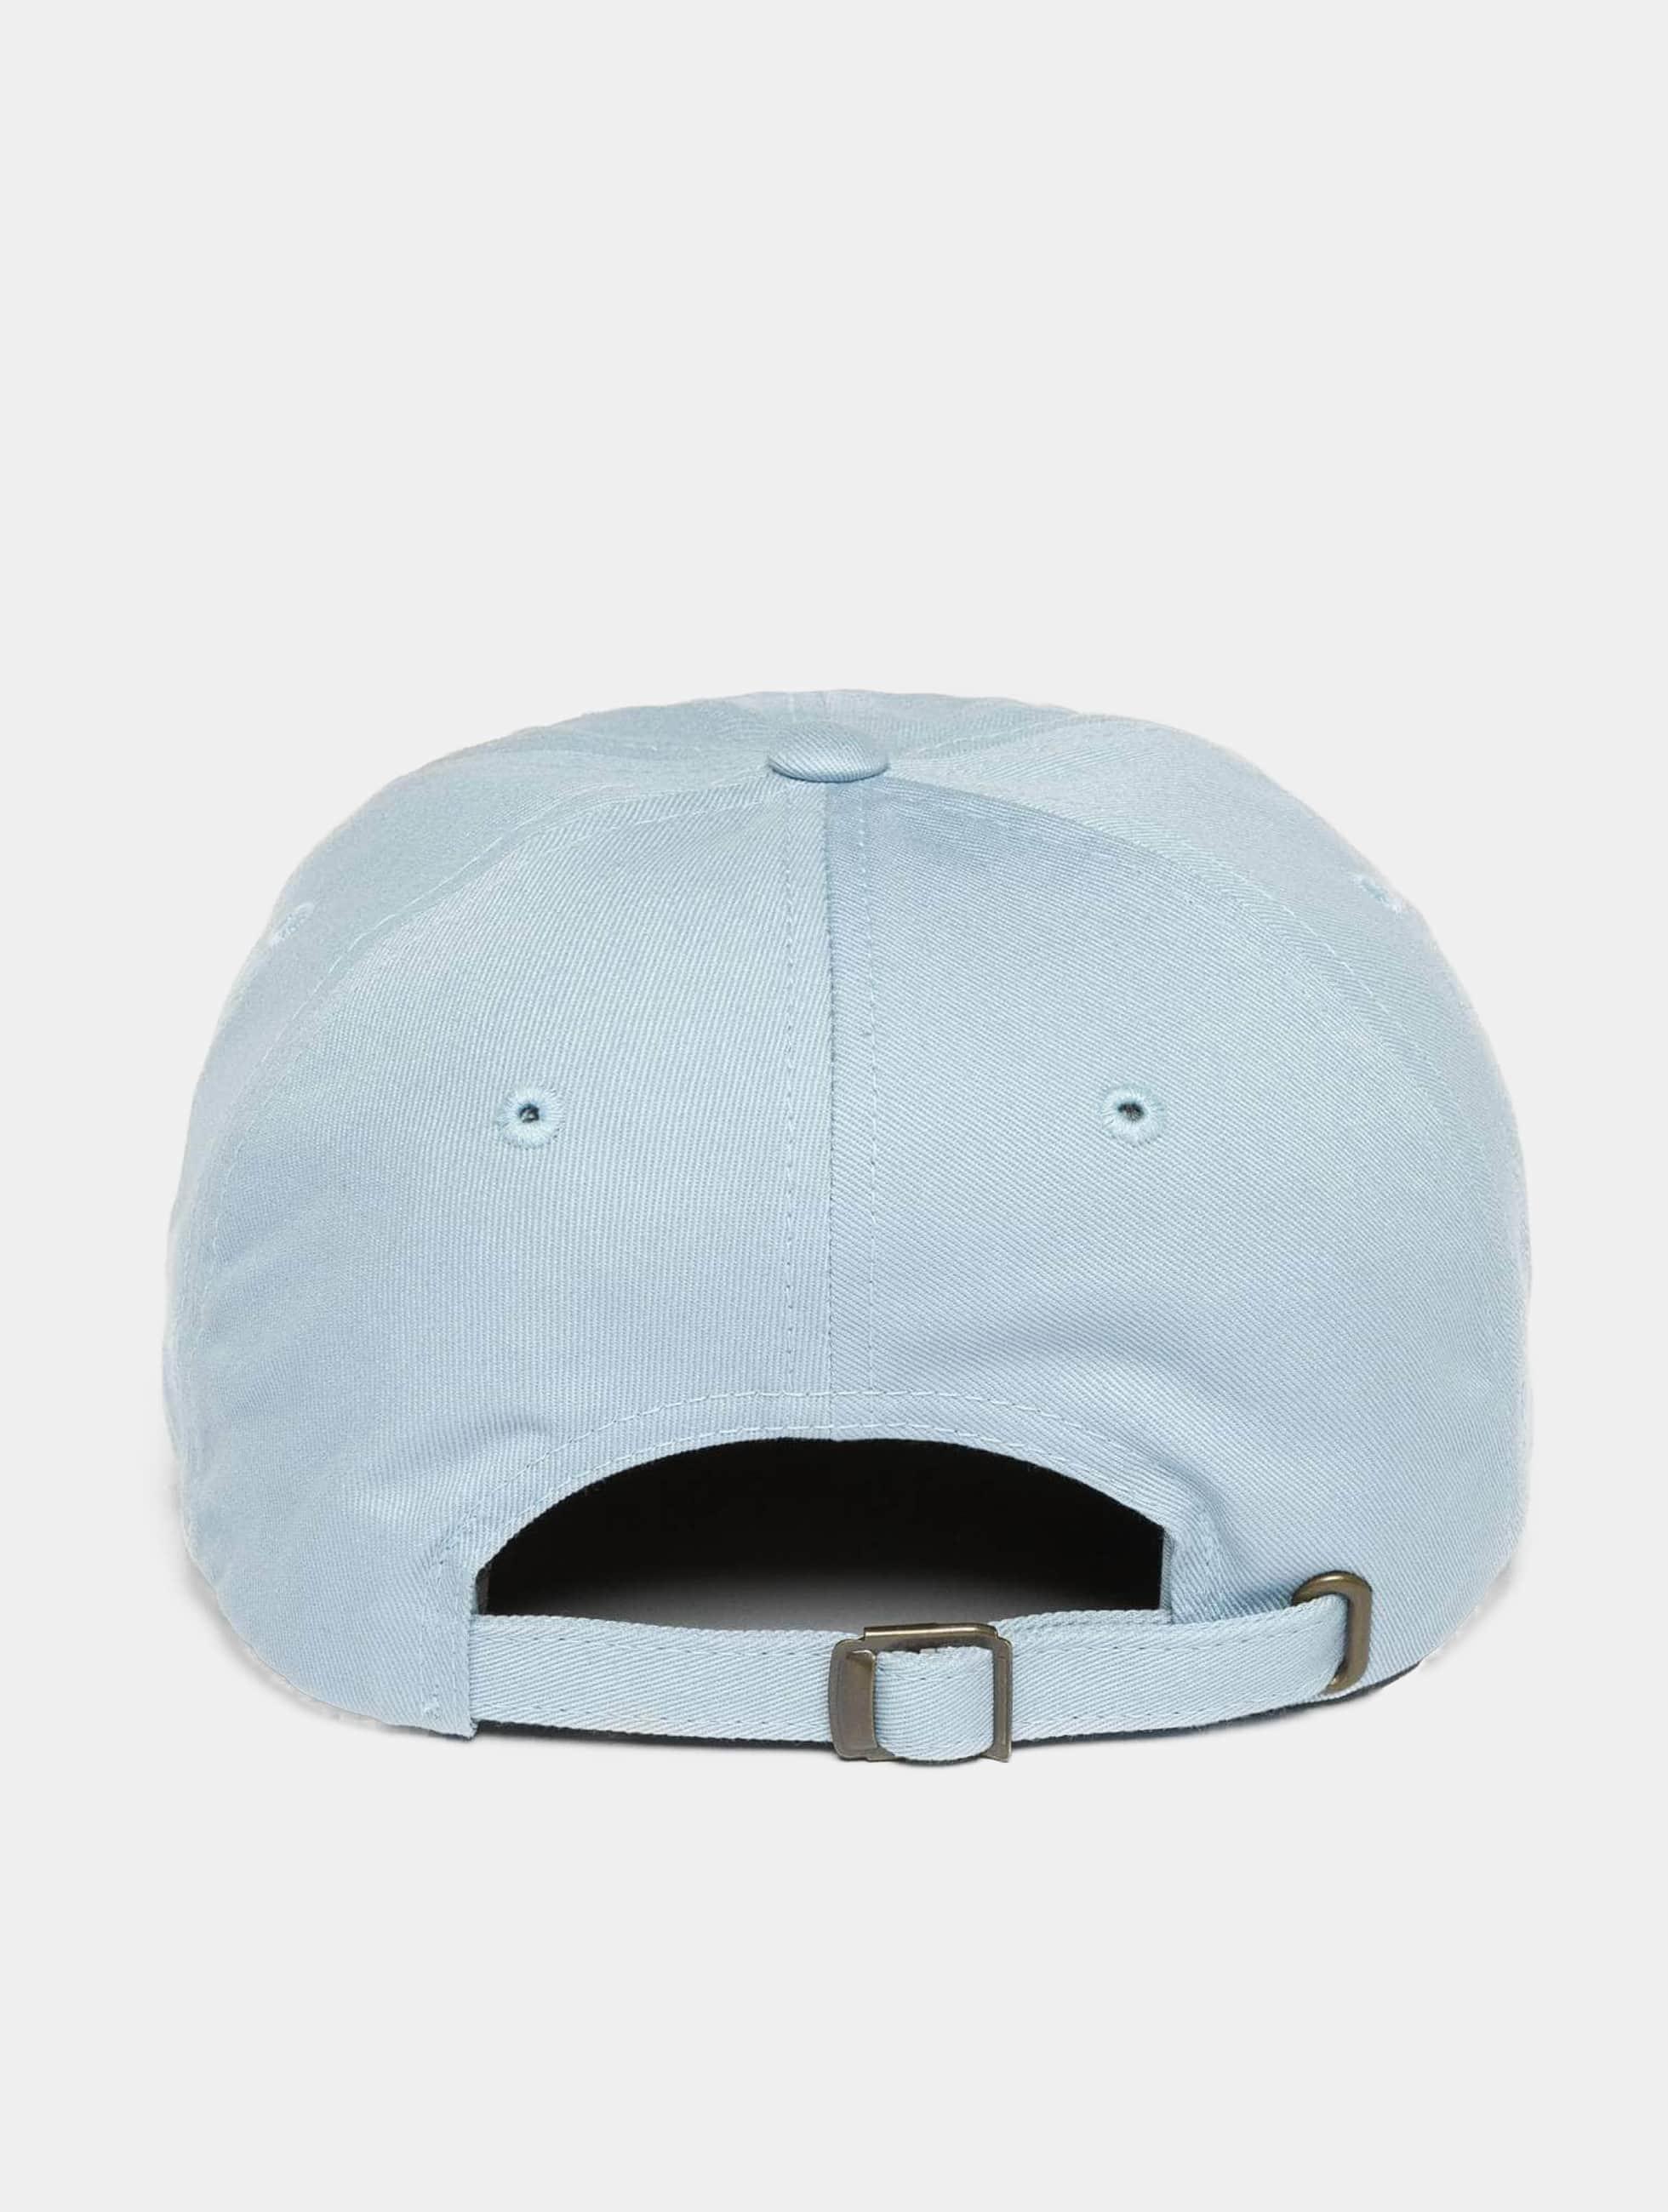 Flexfit Casquette Snapback & Strapback Low Profile Cotton Twil bleu